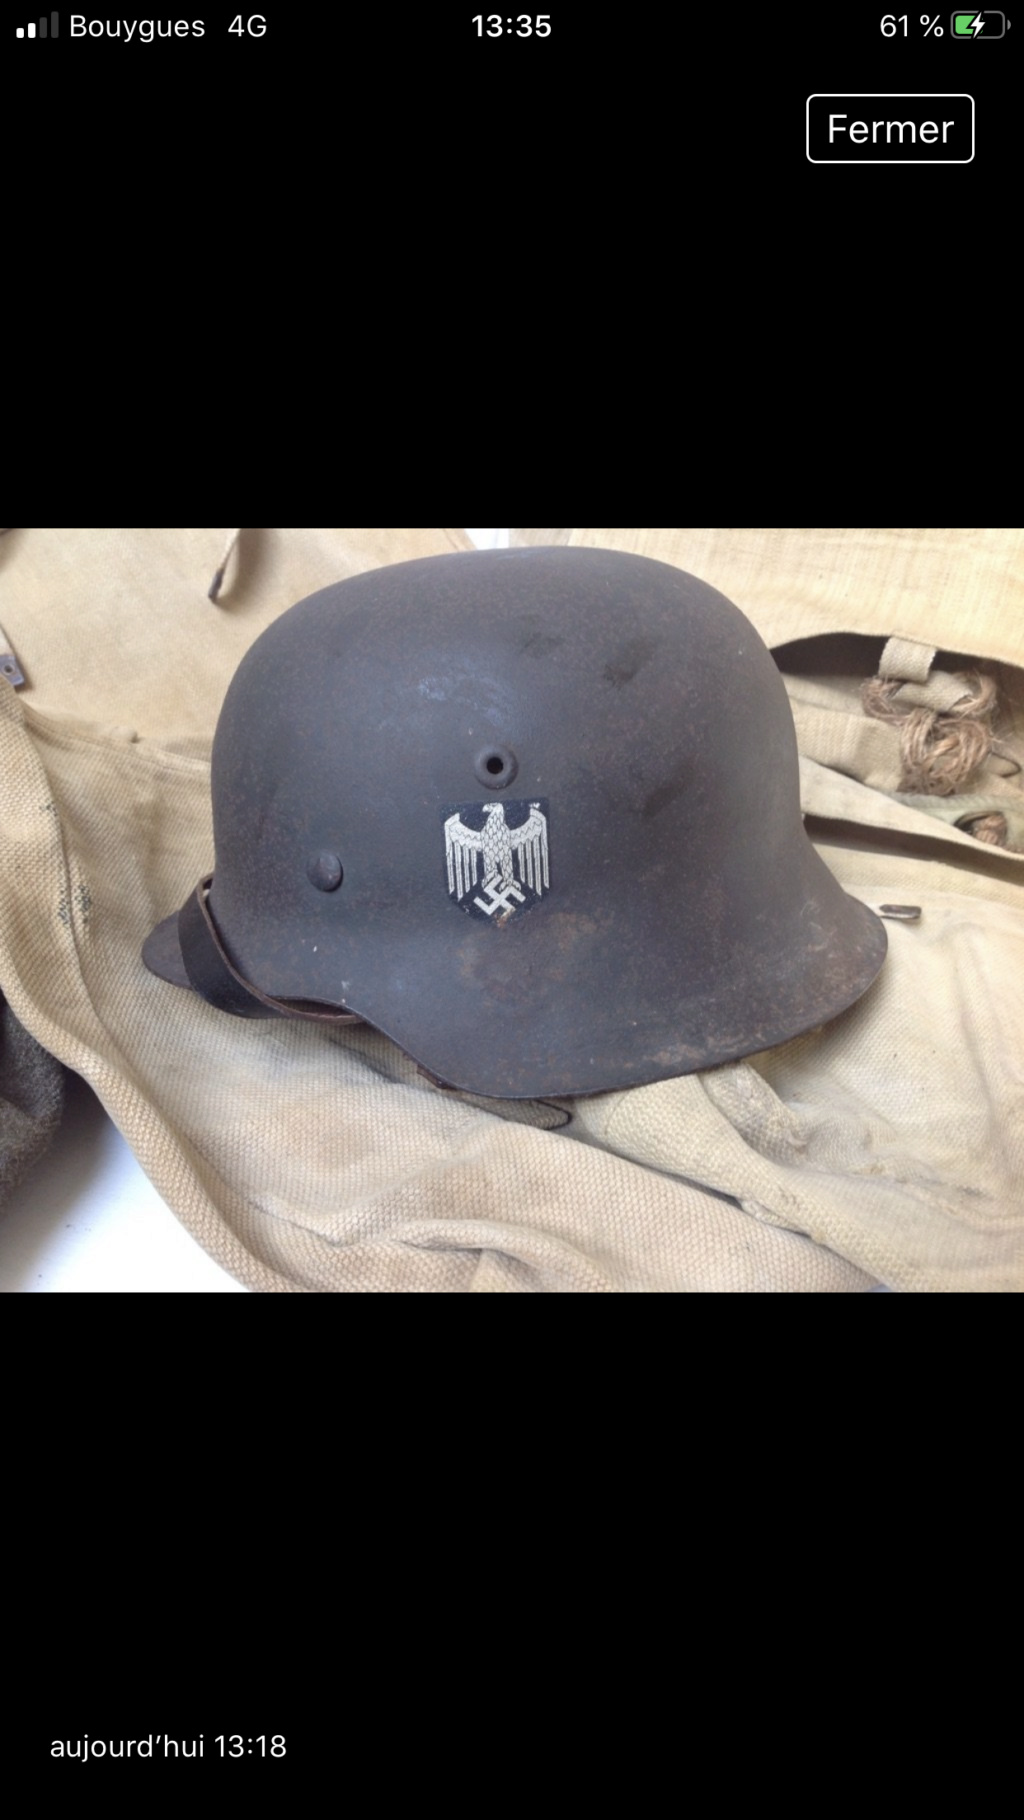 Casque allemand m42 Heer  Db8cec10